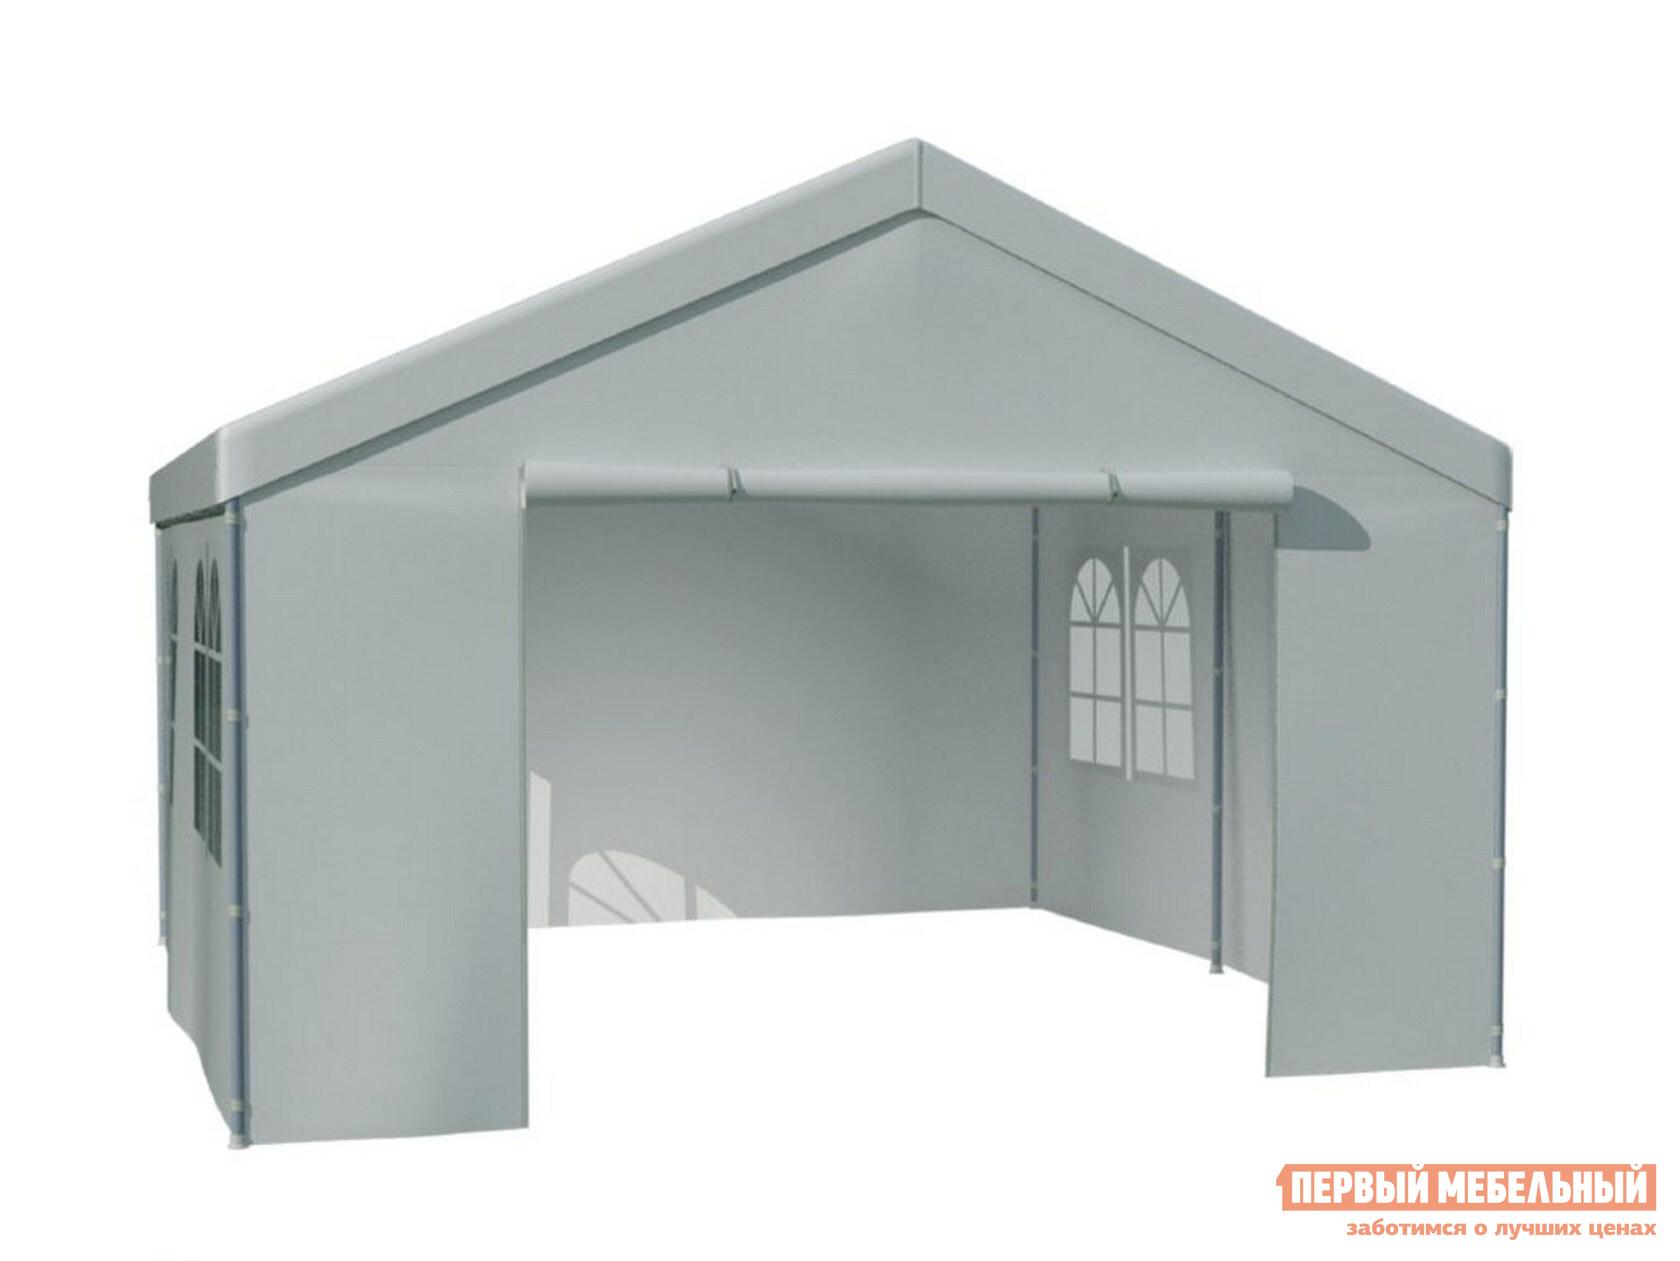 Шатер для дачи Лекс групп Тент 3054 шатер для дачи митек пикник люкс 6х3